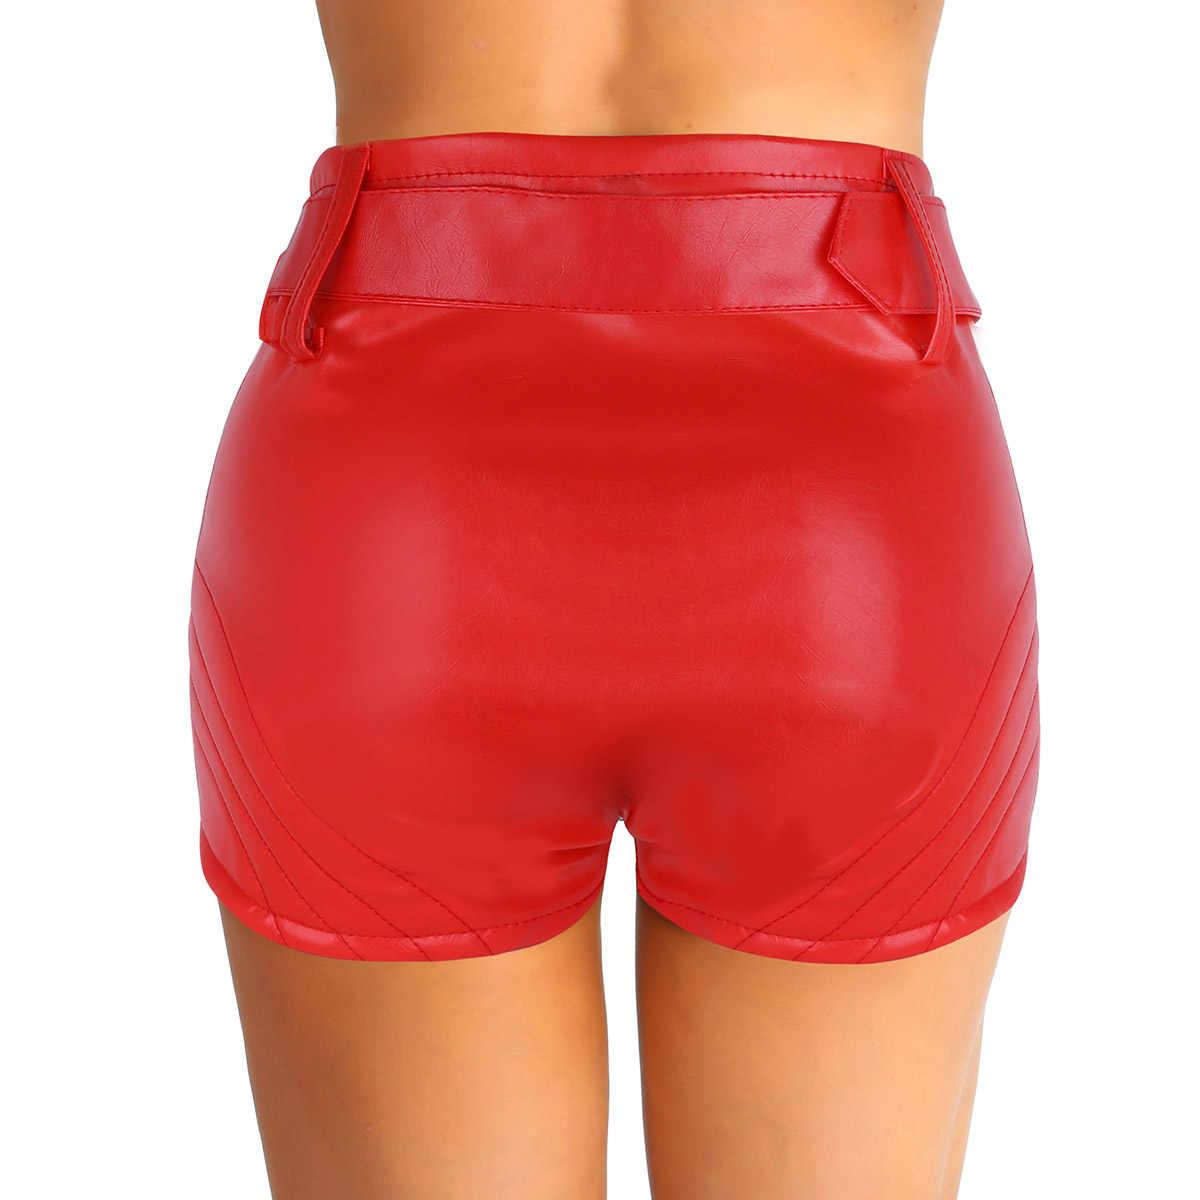 ผู้หญิง Rave เสื้อผ้า Pole Dance กางเกงขาสั้นดูเปียก PU หนังซิปด้านหน้าเอวสูงกางเกงกับเข็มขัด Pole Dance กางเกงขาสั้น Booty